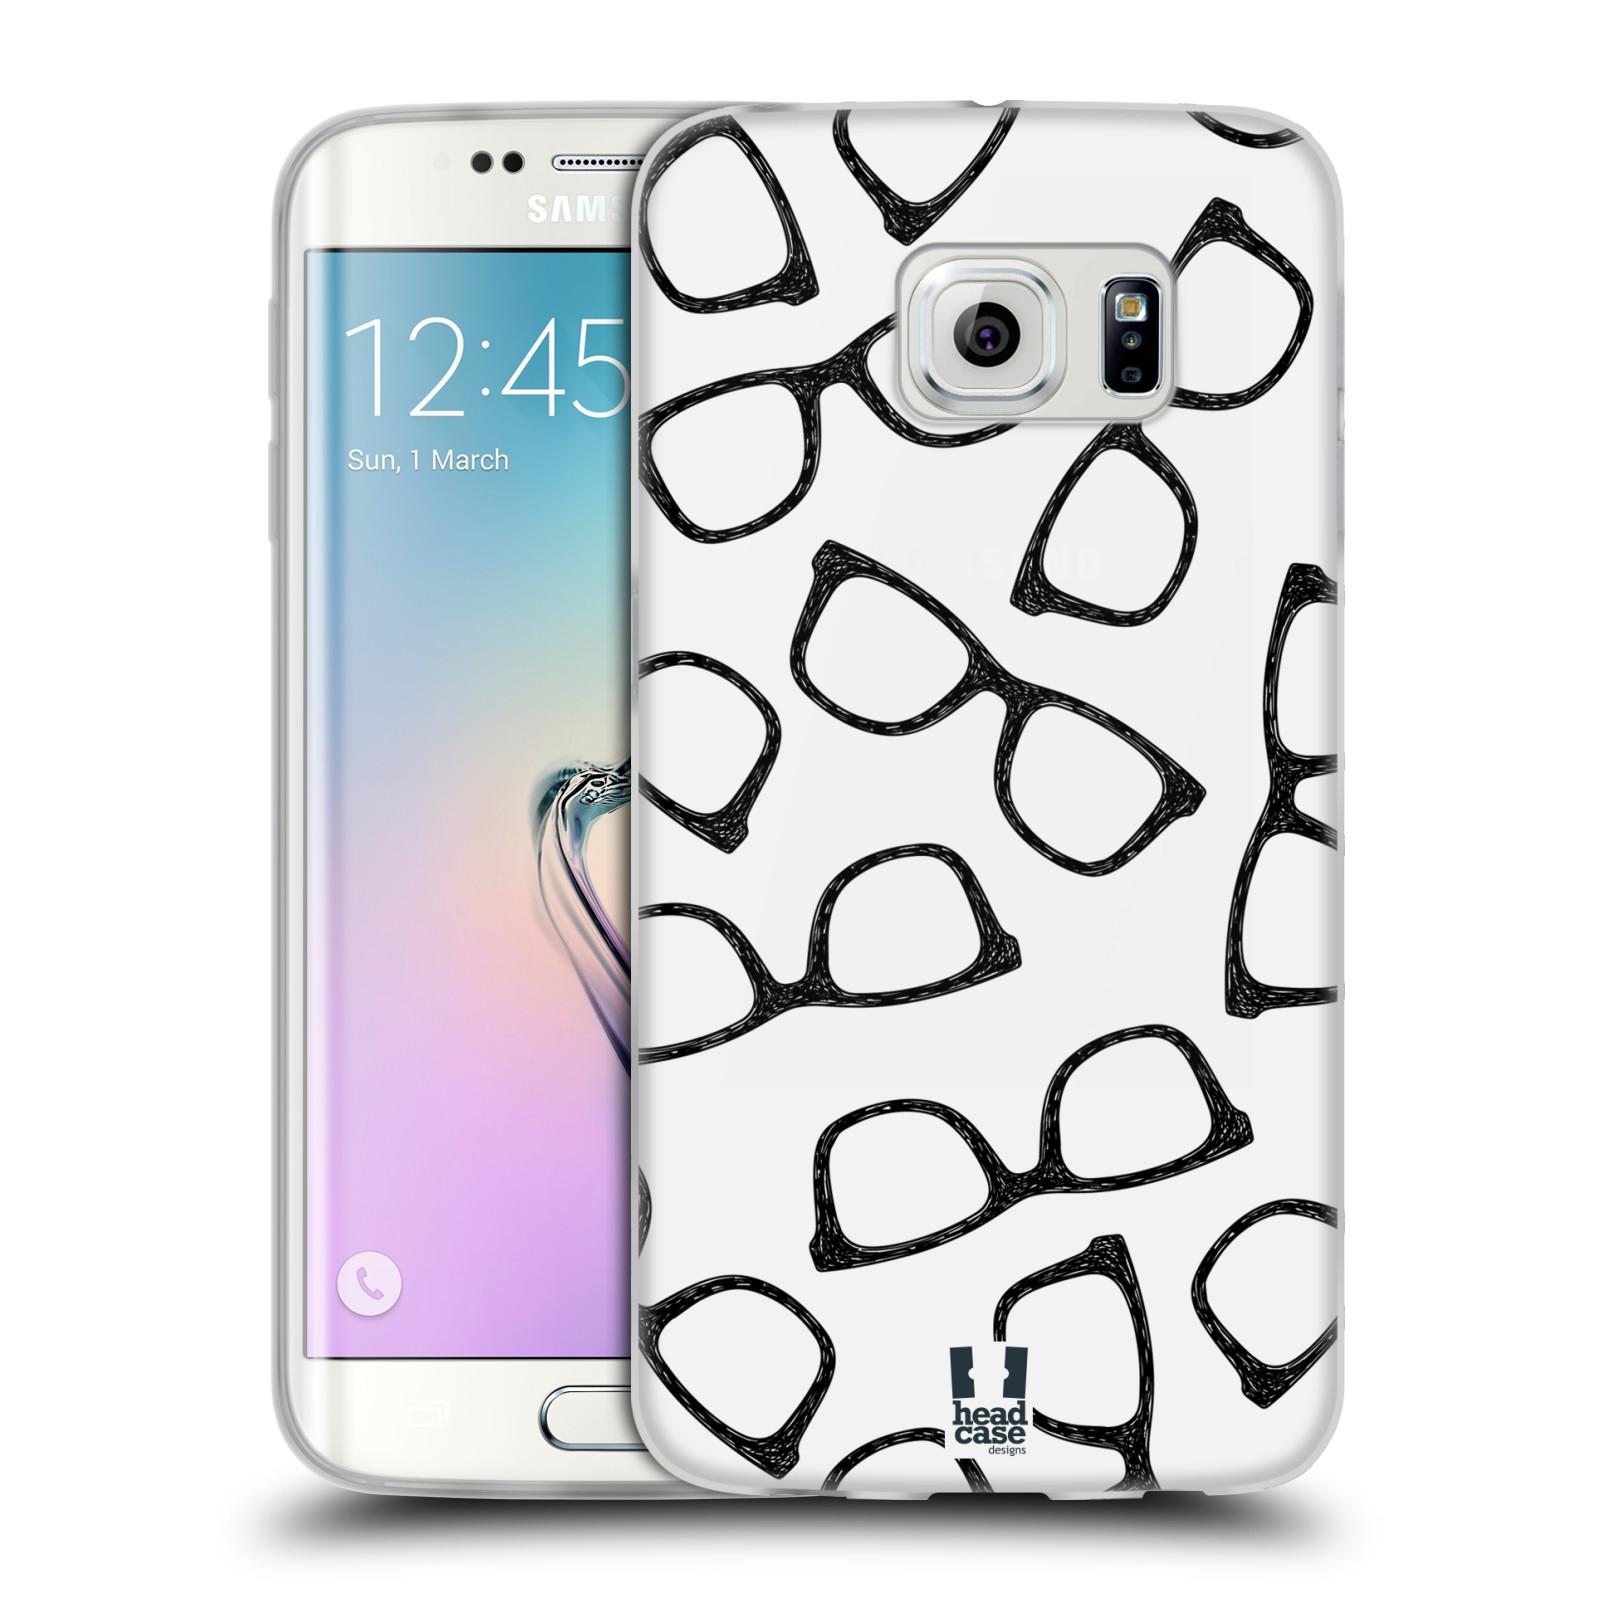 Silikonové pouzdro na mobil Samsung Galaxy S6 Edge HEAD CASE HIPSTER BRÝLE (Silikonový kryt či obal na mobilní telefon Samsung Galaxy S6 Edge SM-G925F)